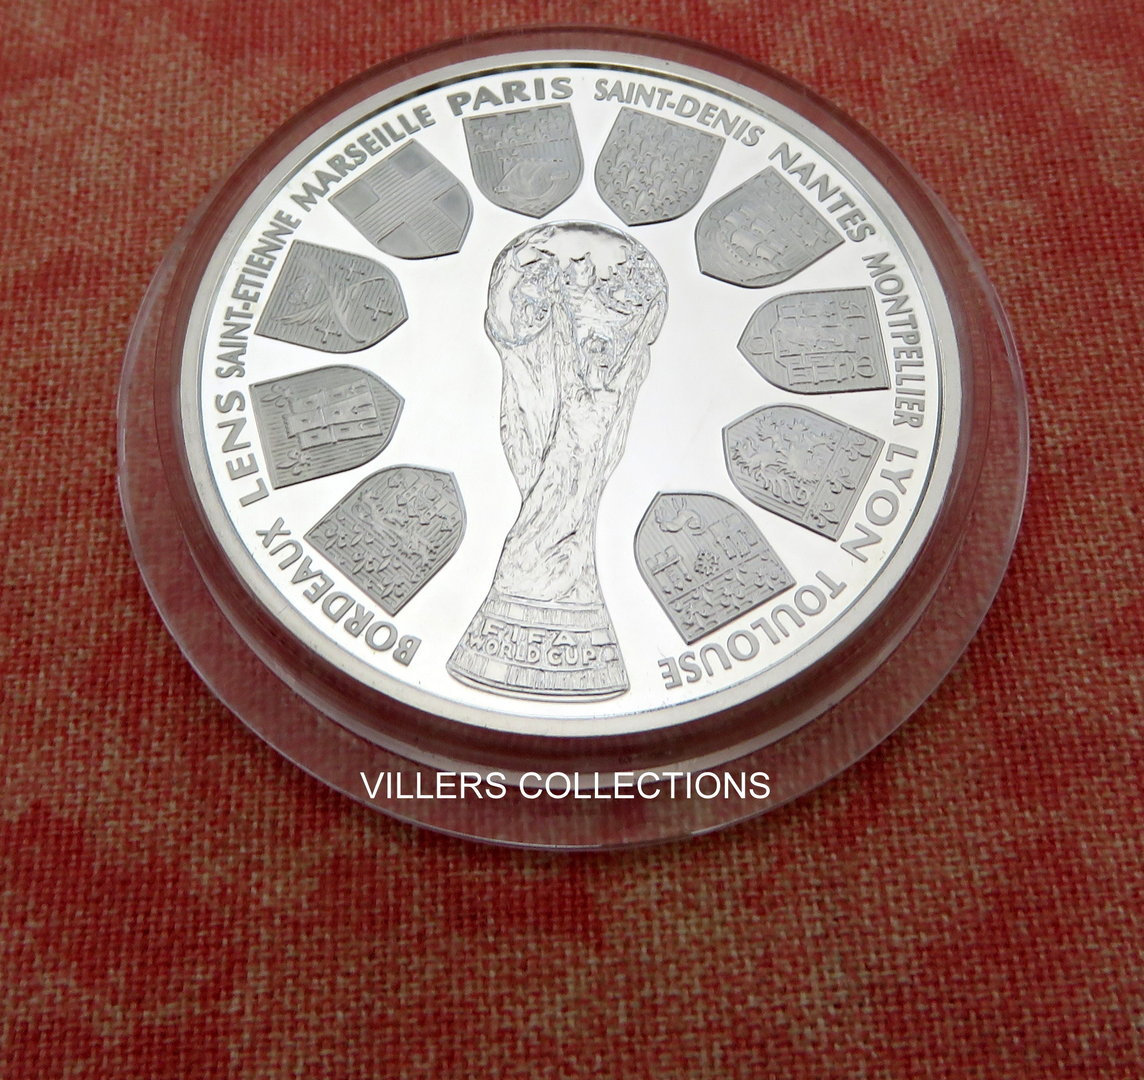 Pi ce 10 coupe du monde de football 1998 villers collections - Coupe a 10 euros grenoble ...